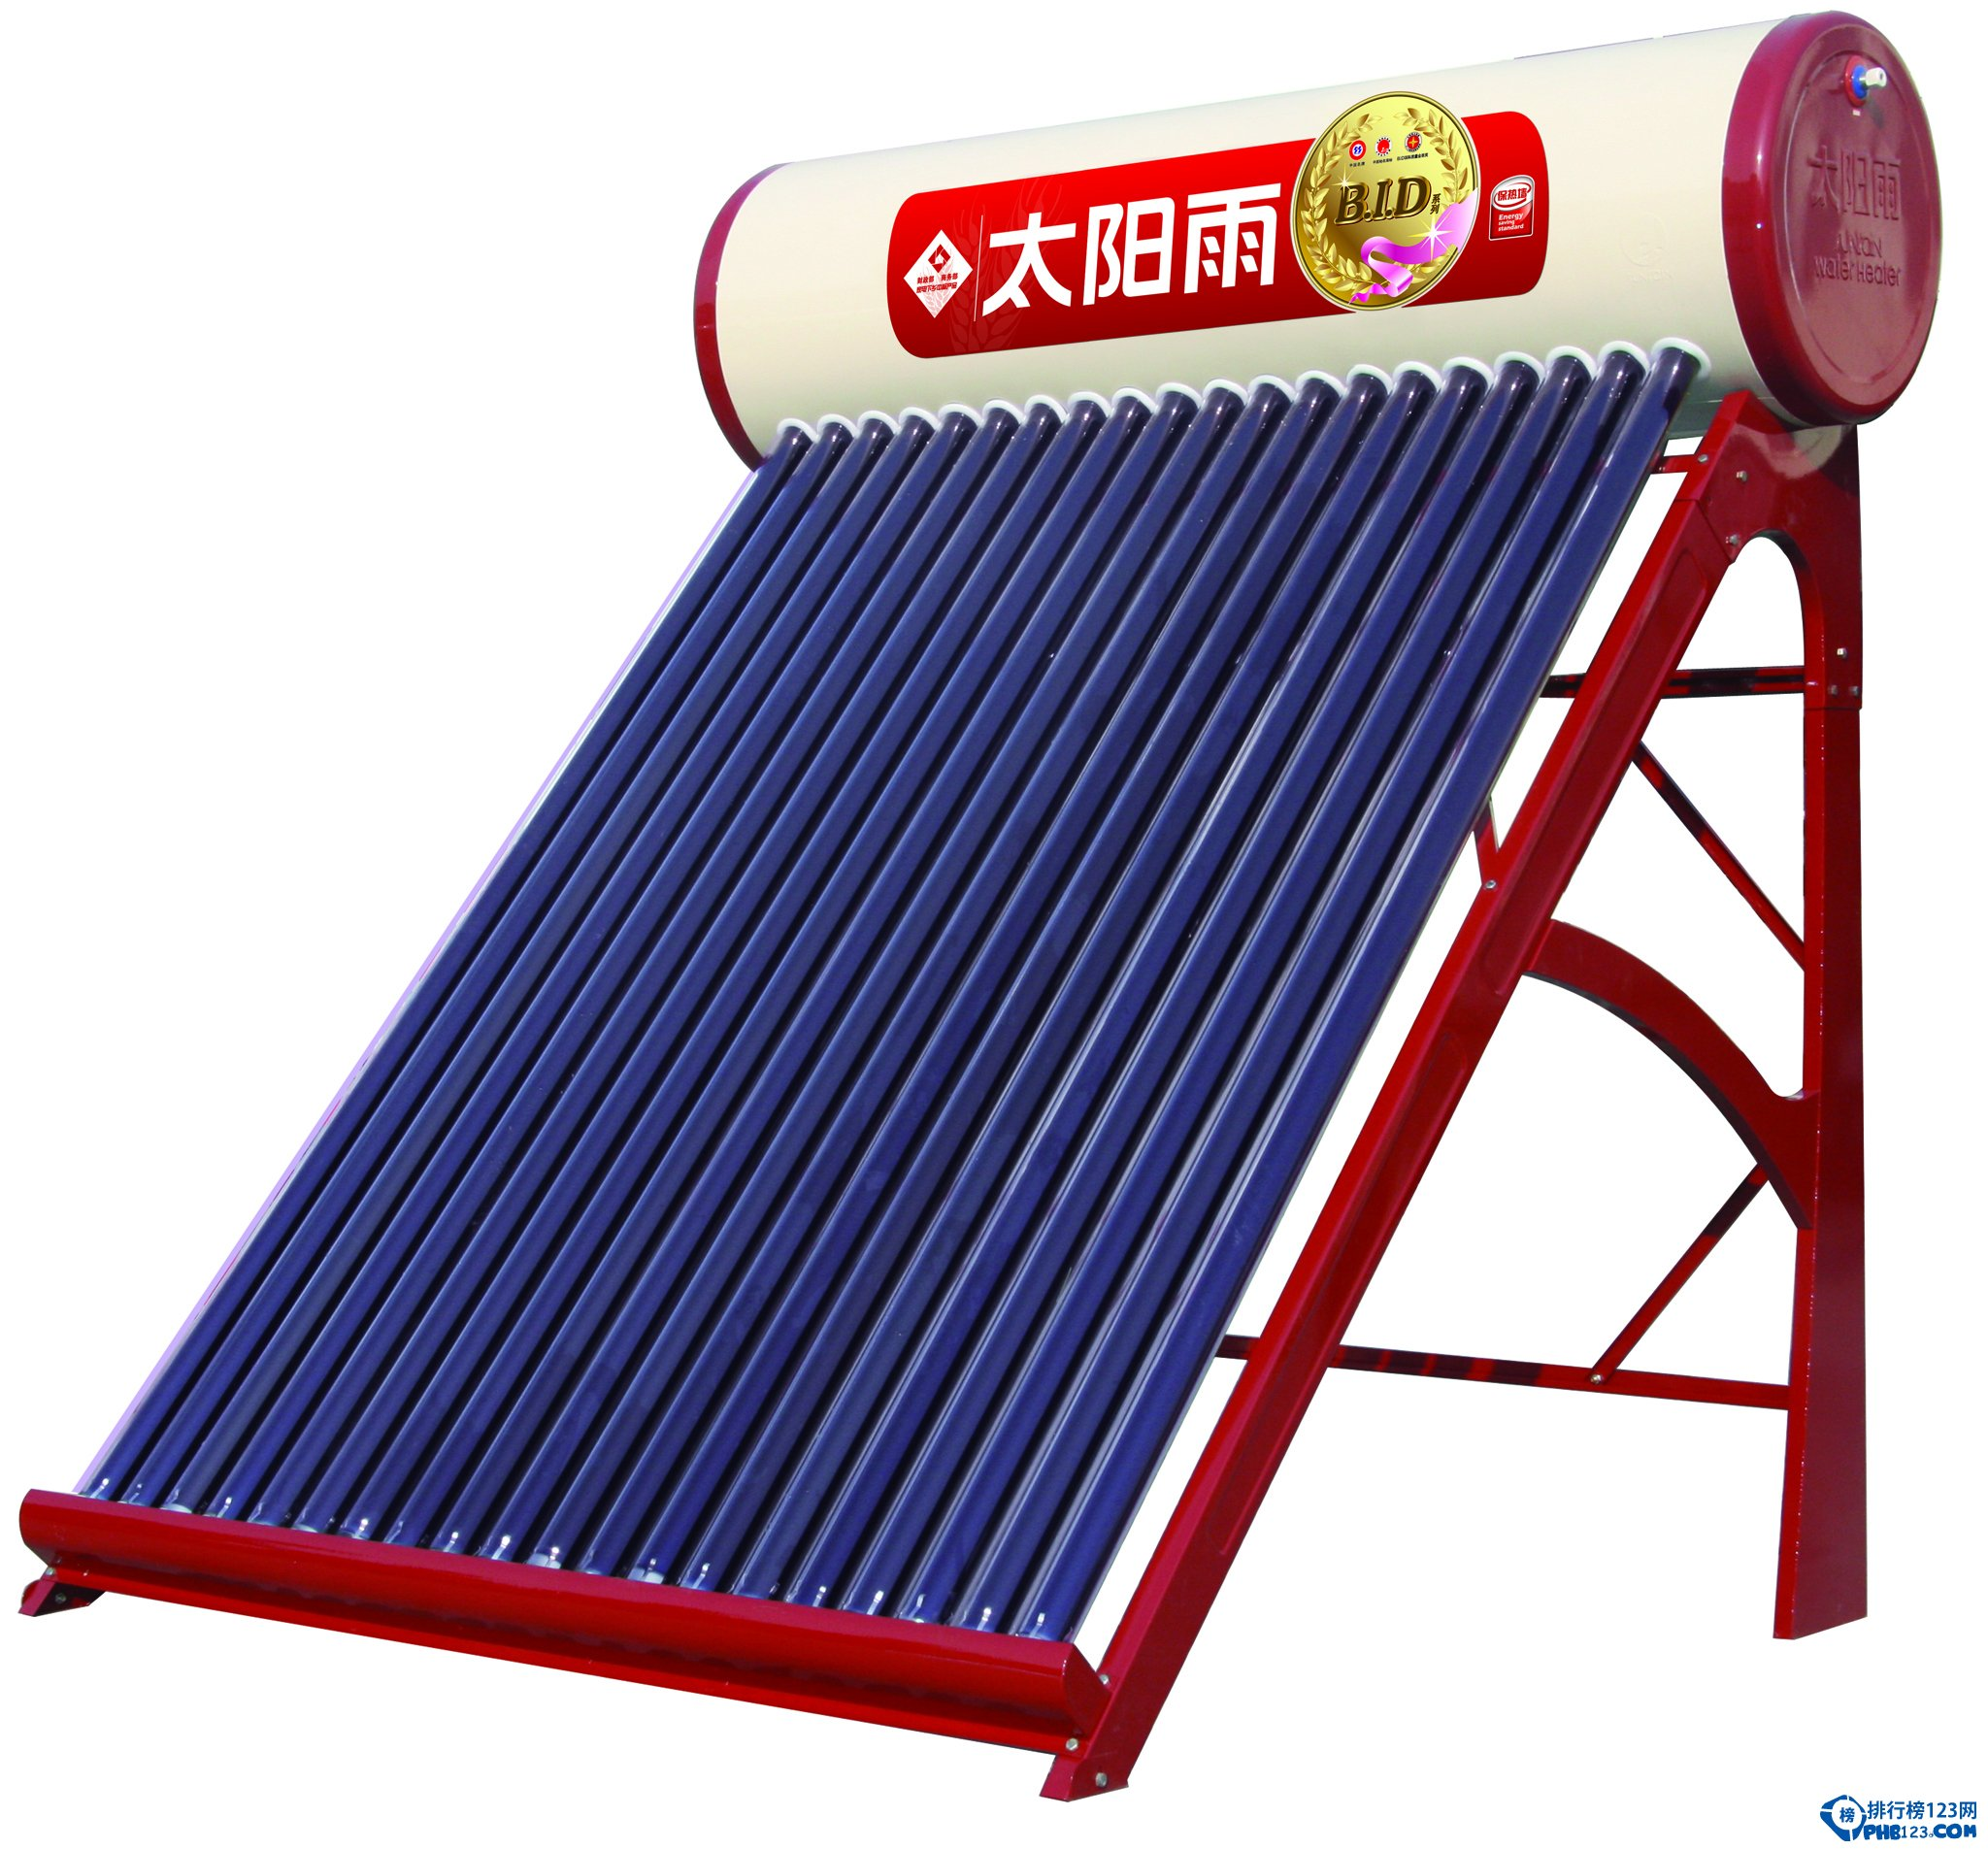 2016太阳能热水器的十大品牌排名